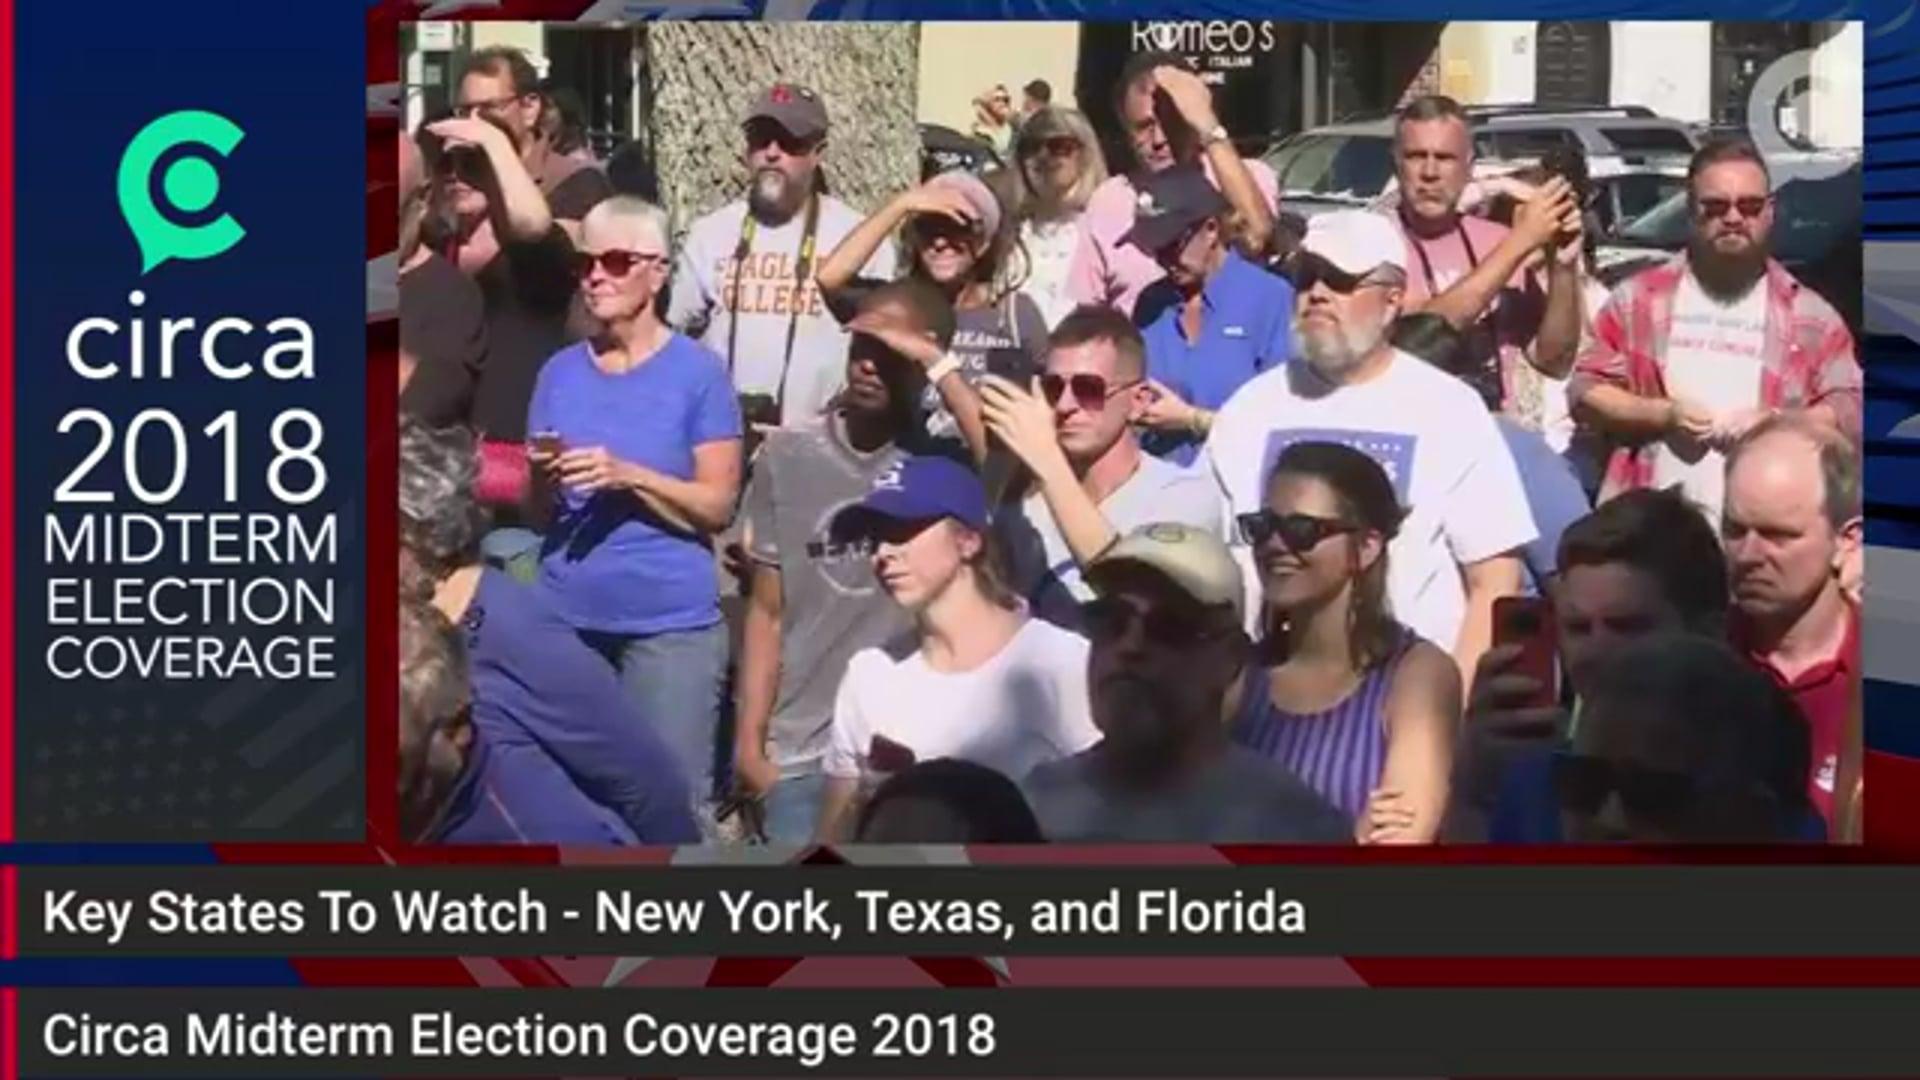 Circa.com's 2018 Midterm Election Coverage